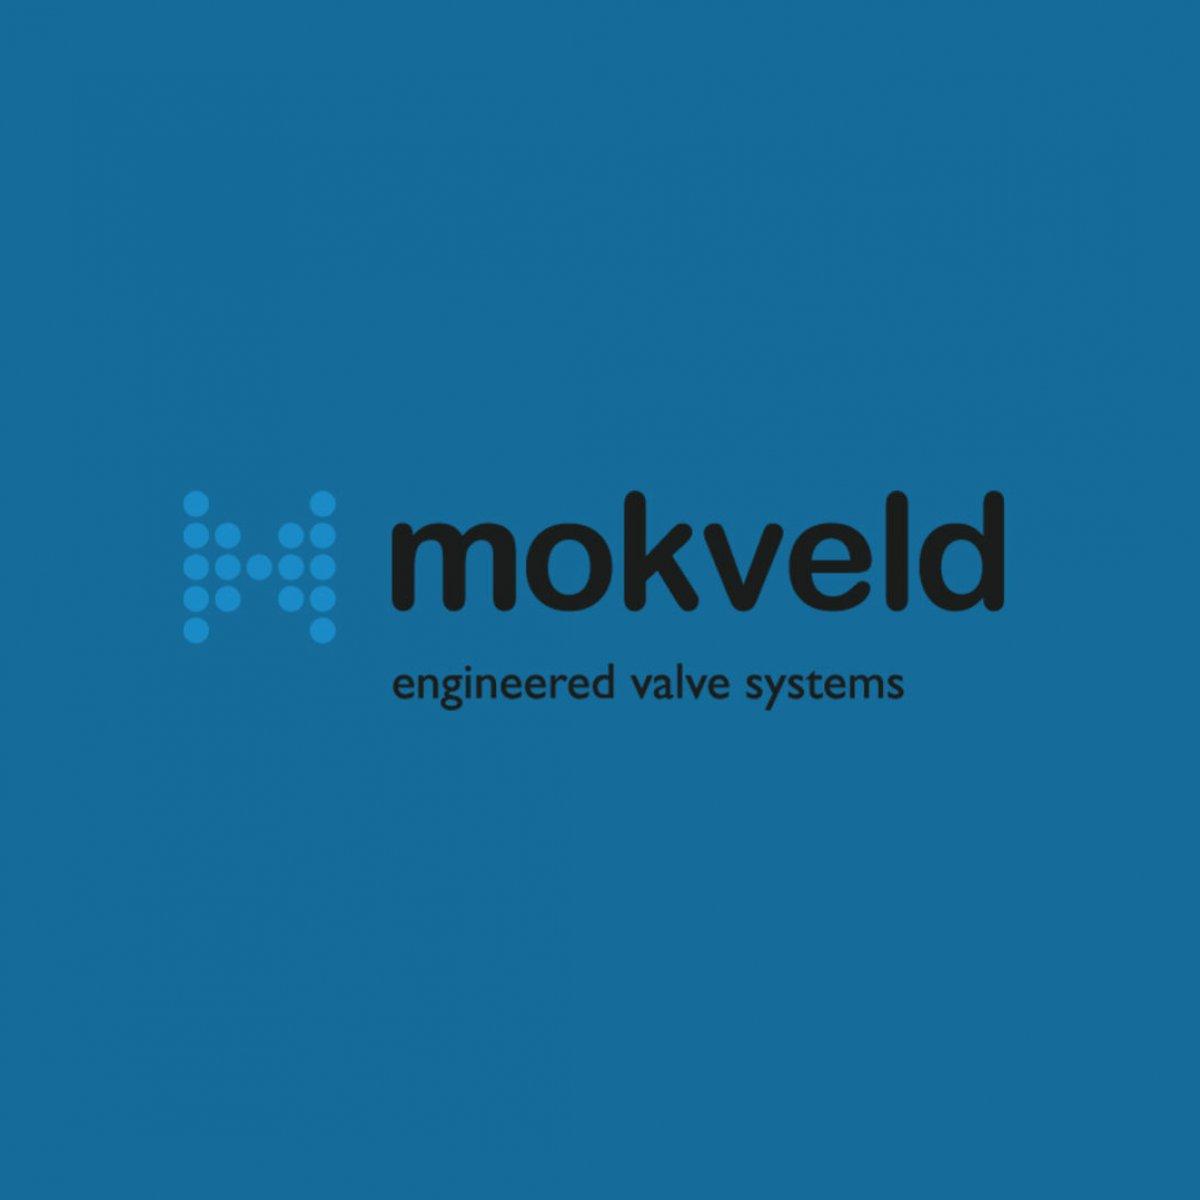 mokveld.com